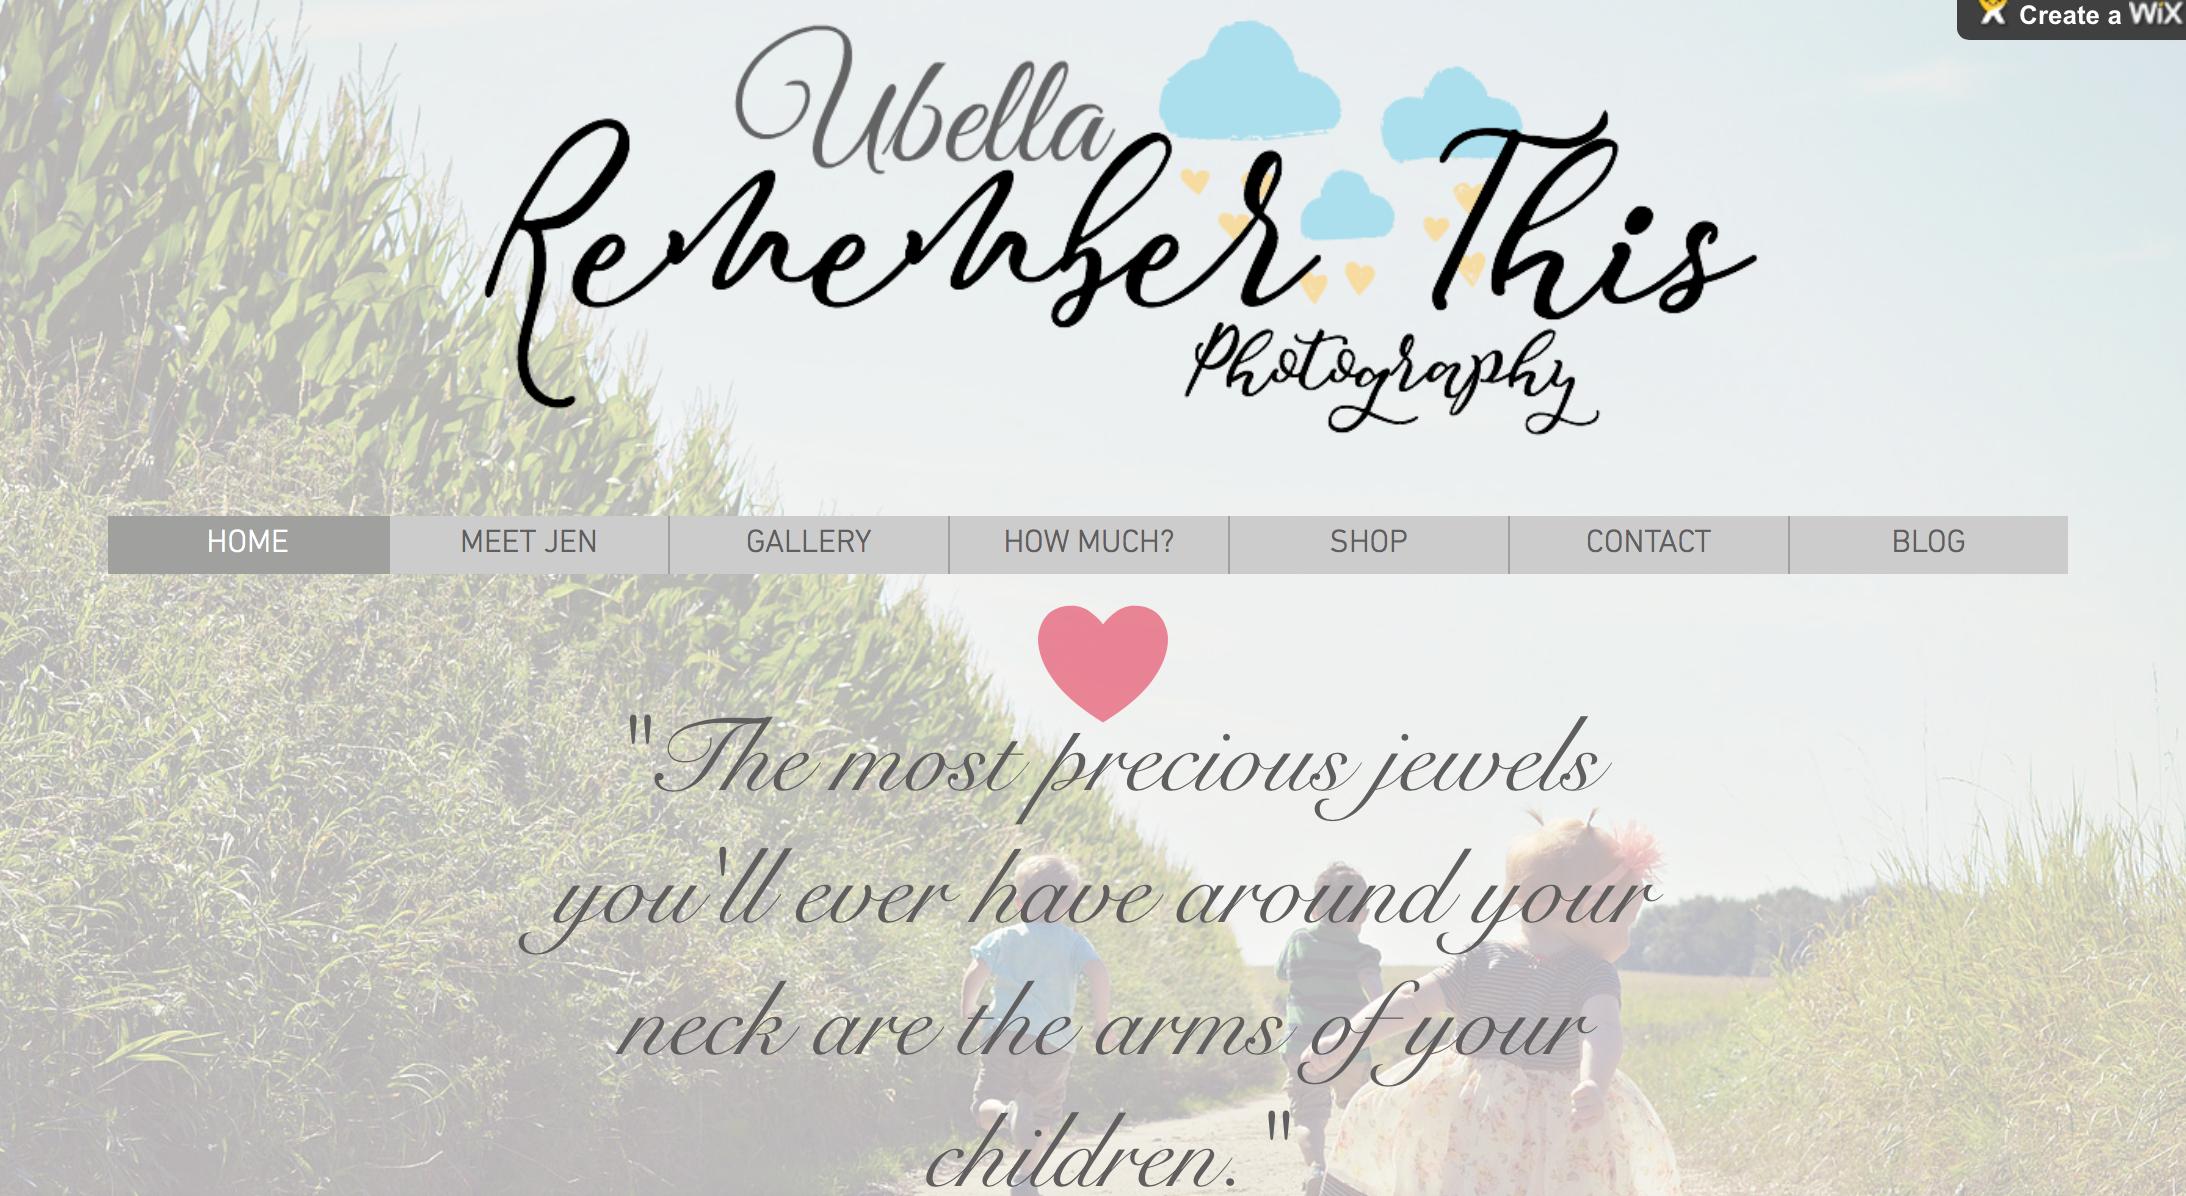 I've updated my website & designed a new logo! :)